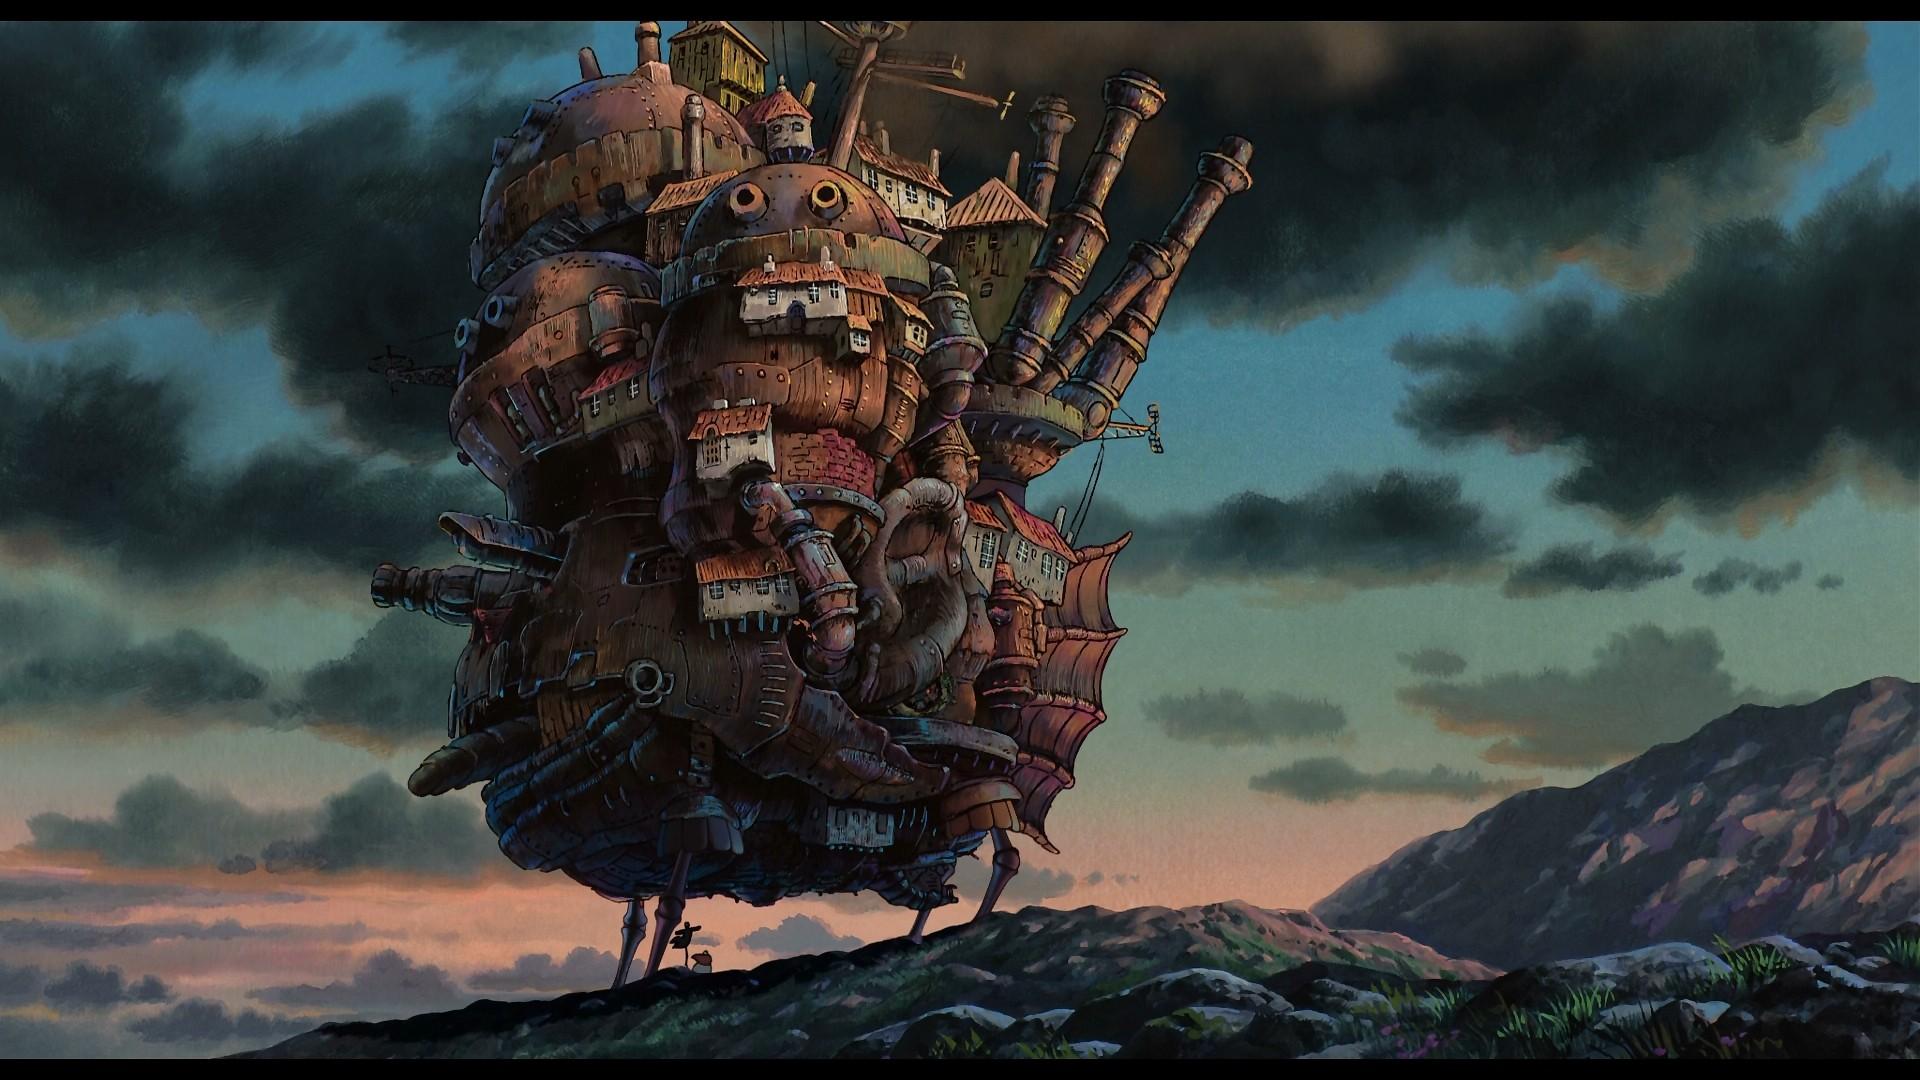 Ghibli High Quality